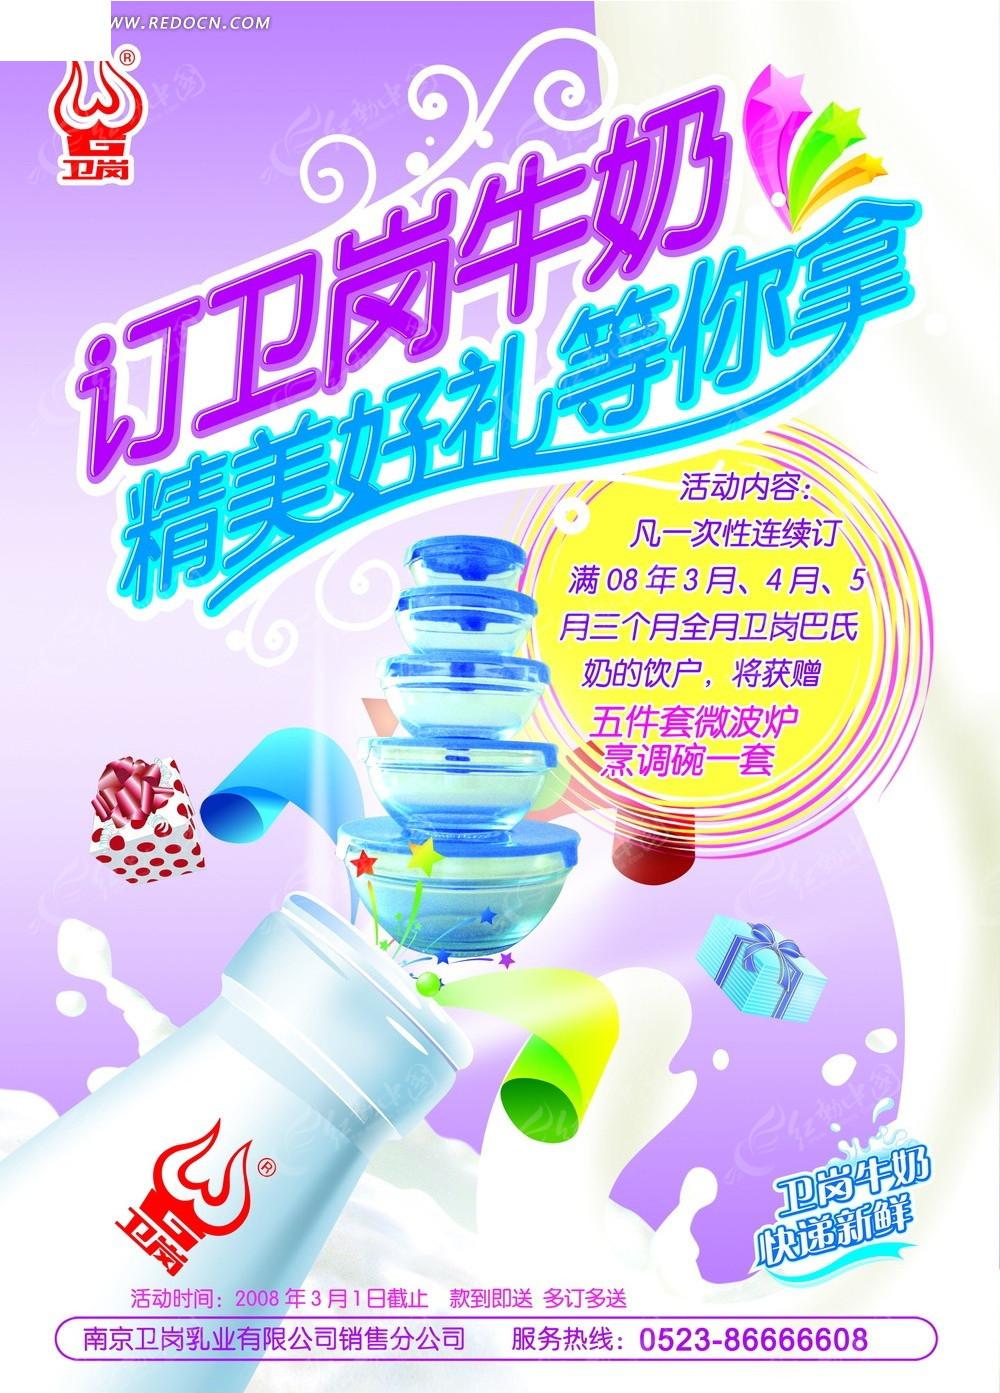 卫岗牛奶促销海报设计